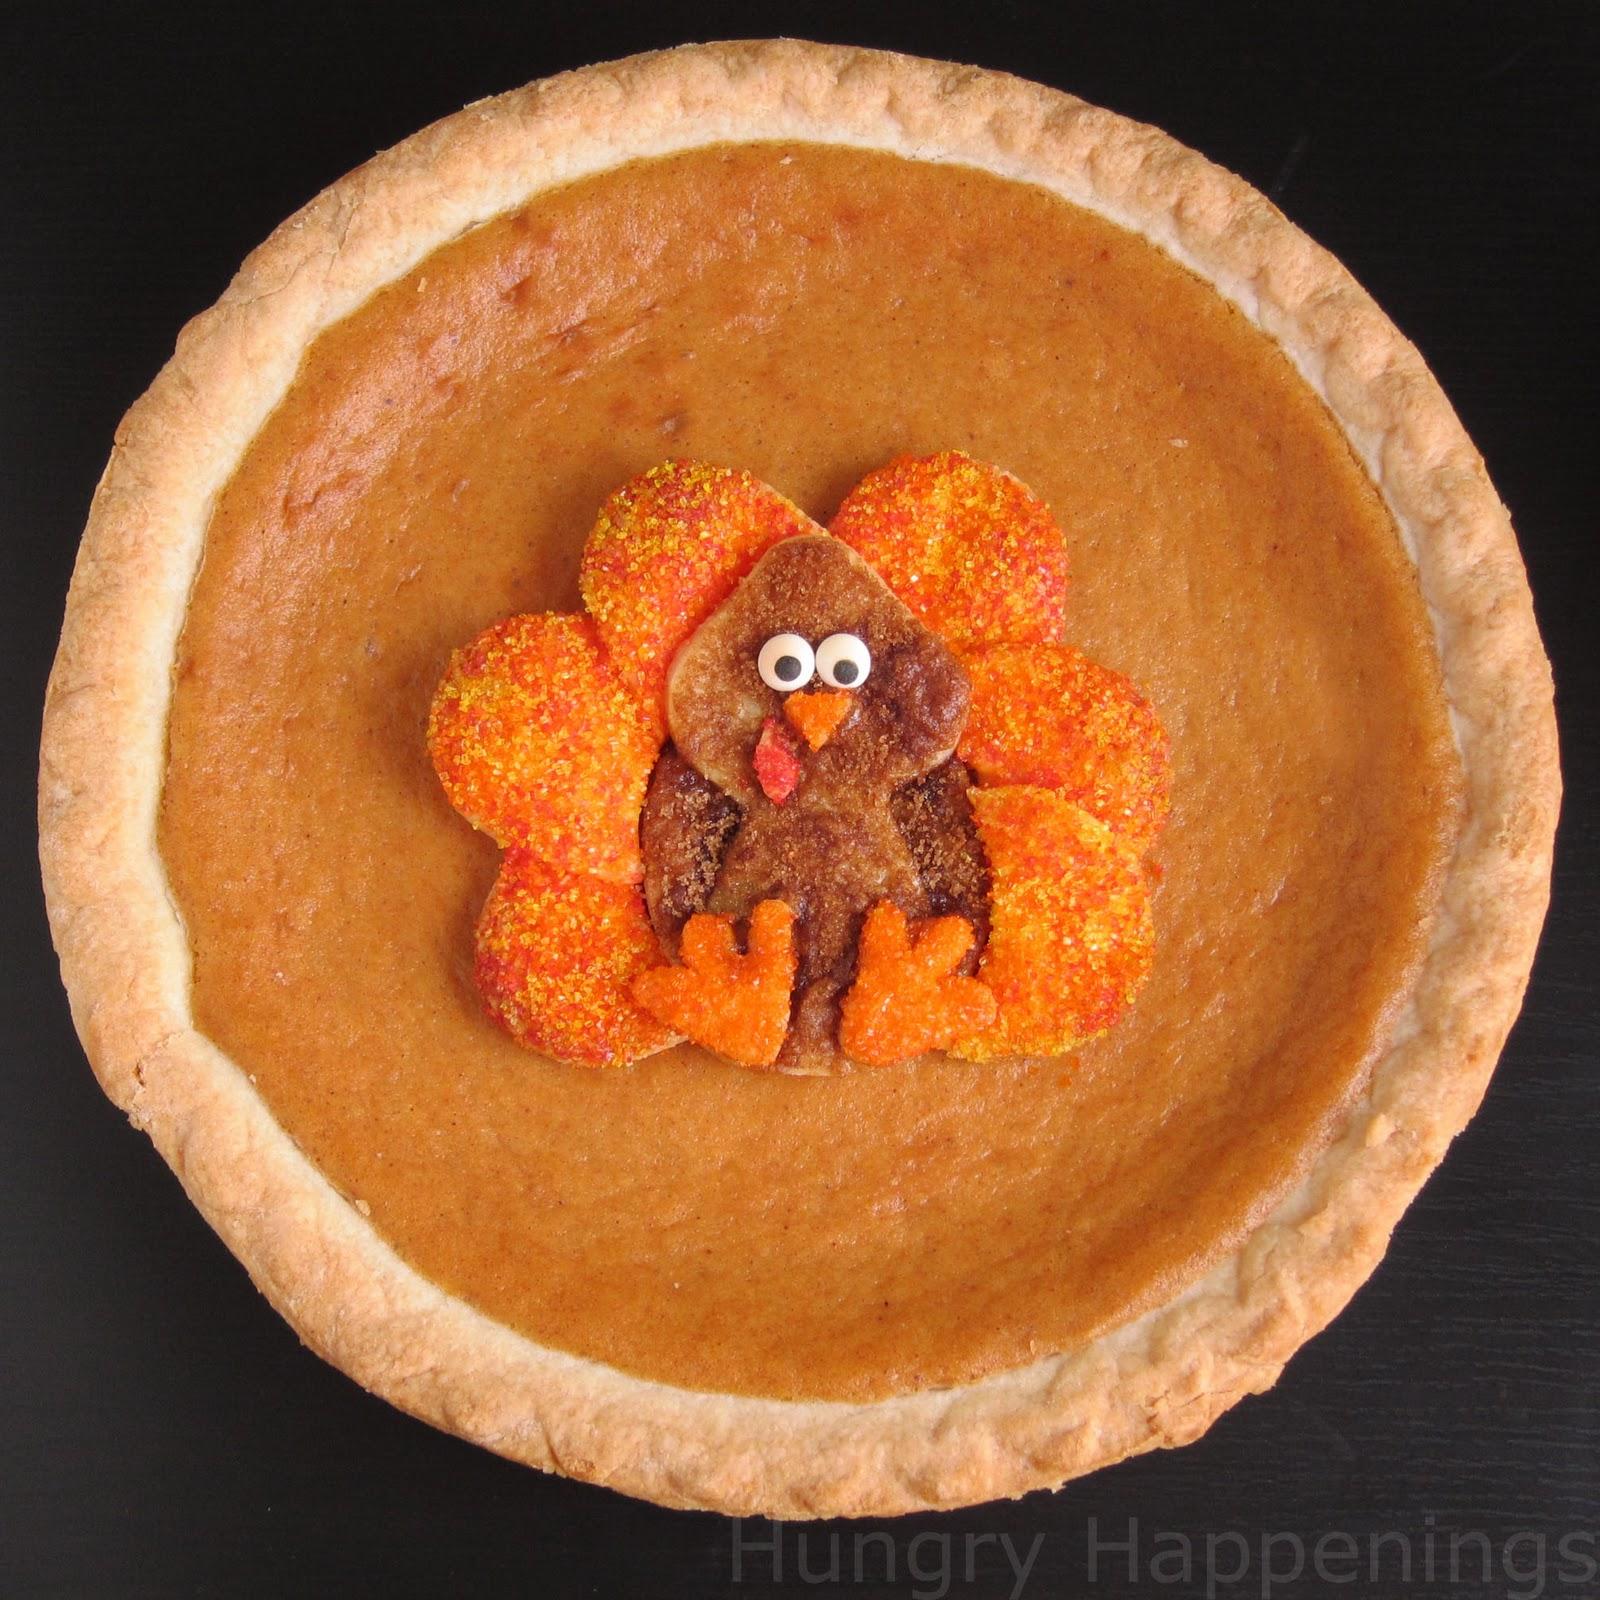 Festive Thanksgiving Dessert